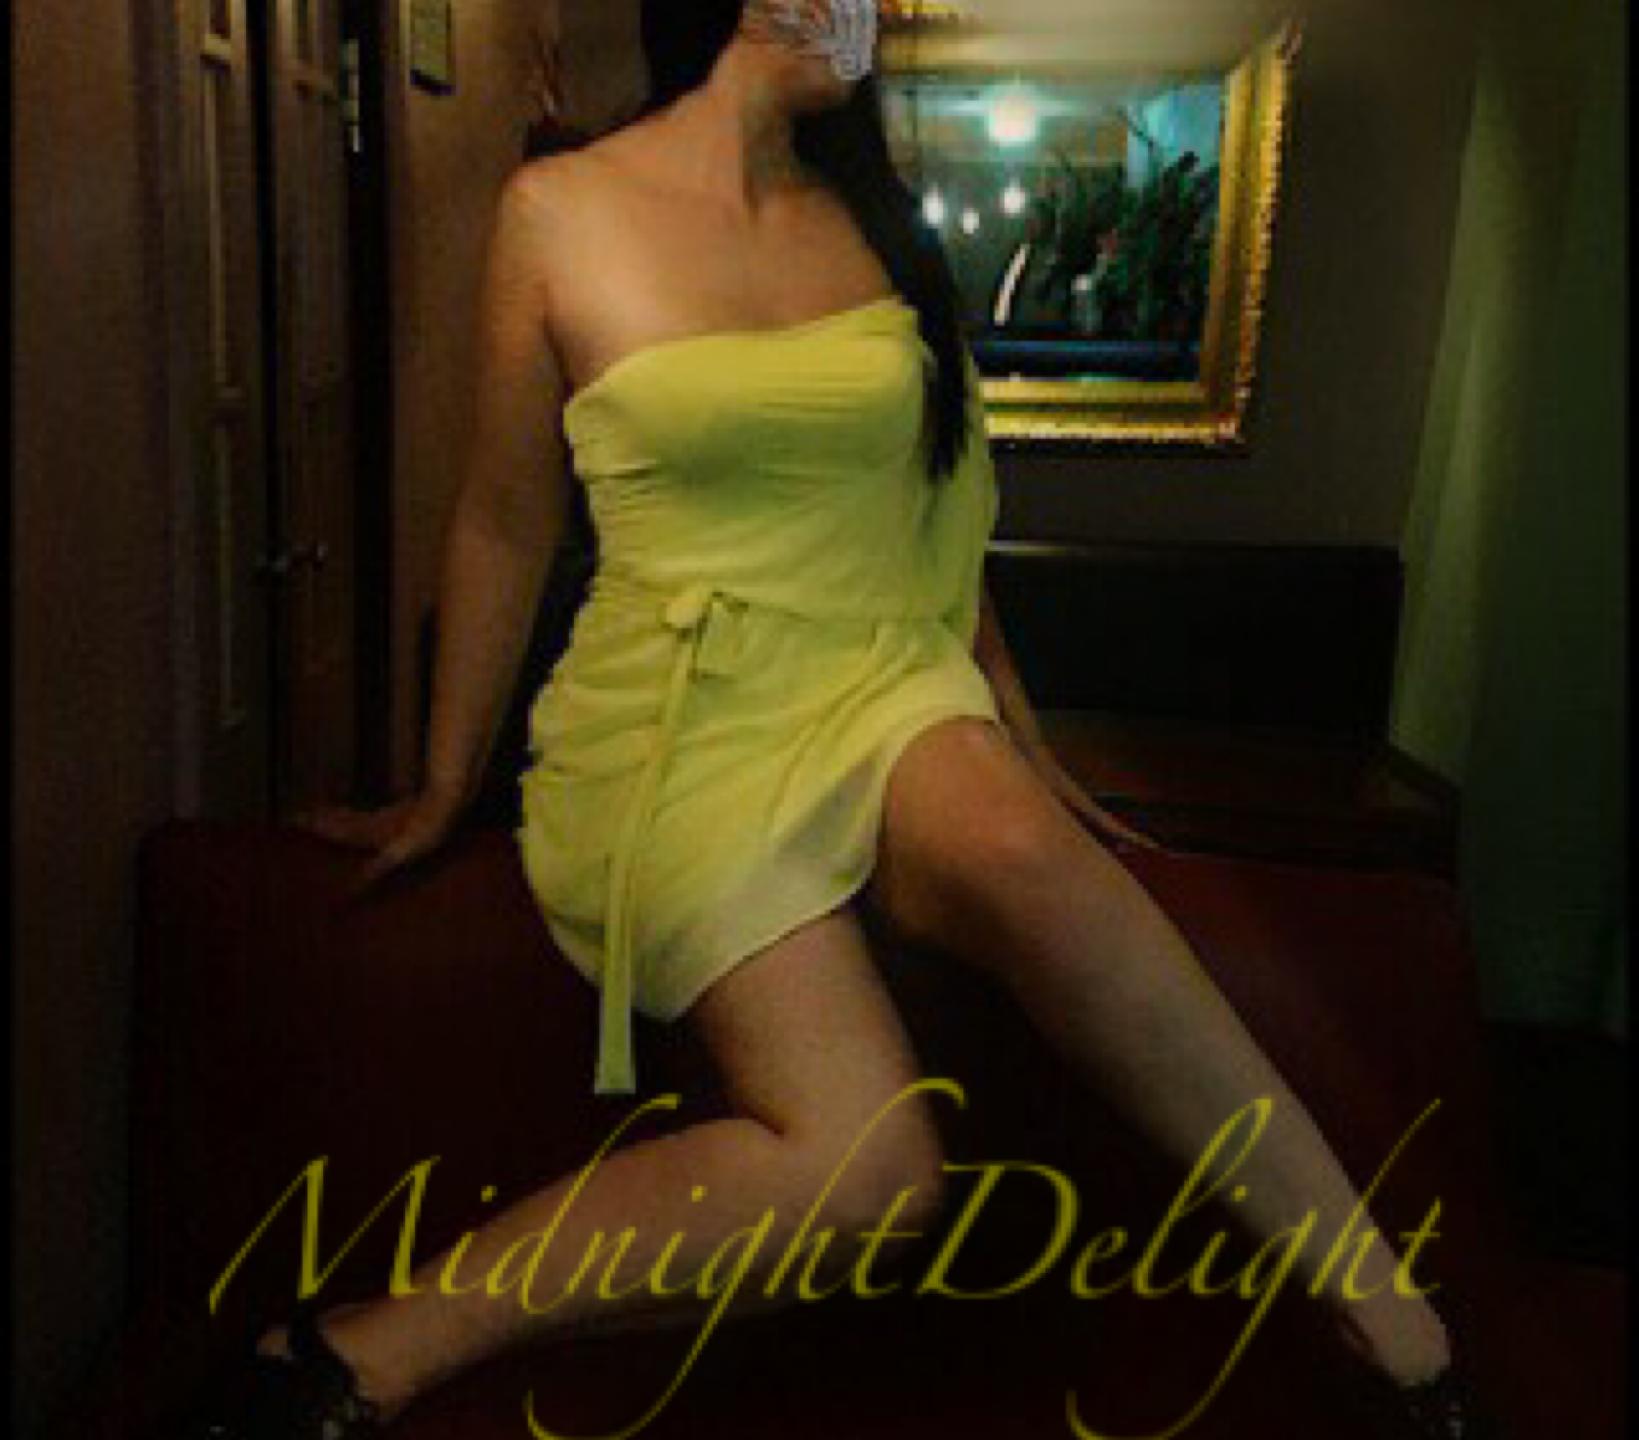 Midnight Delight- Holly